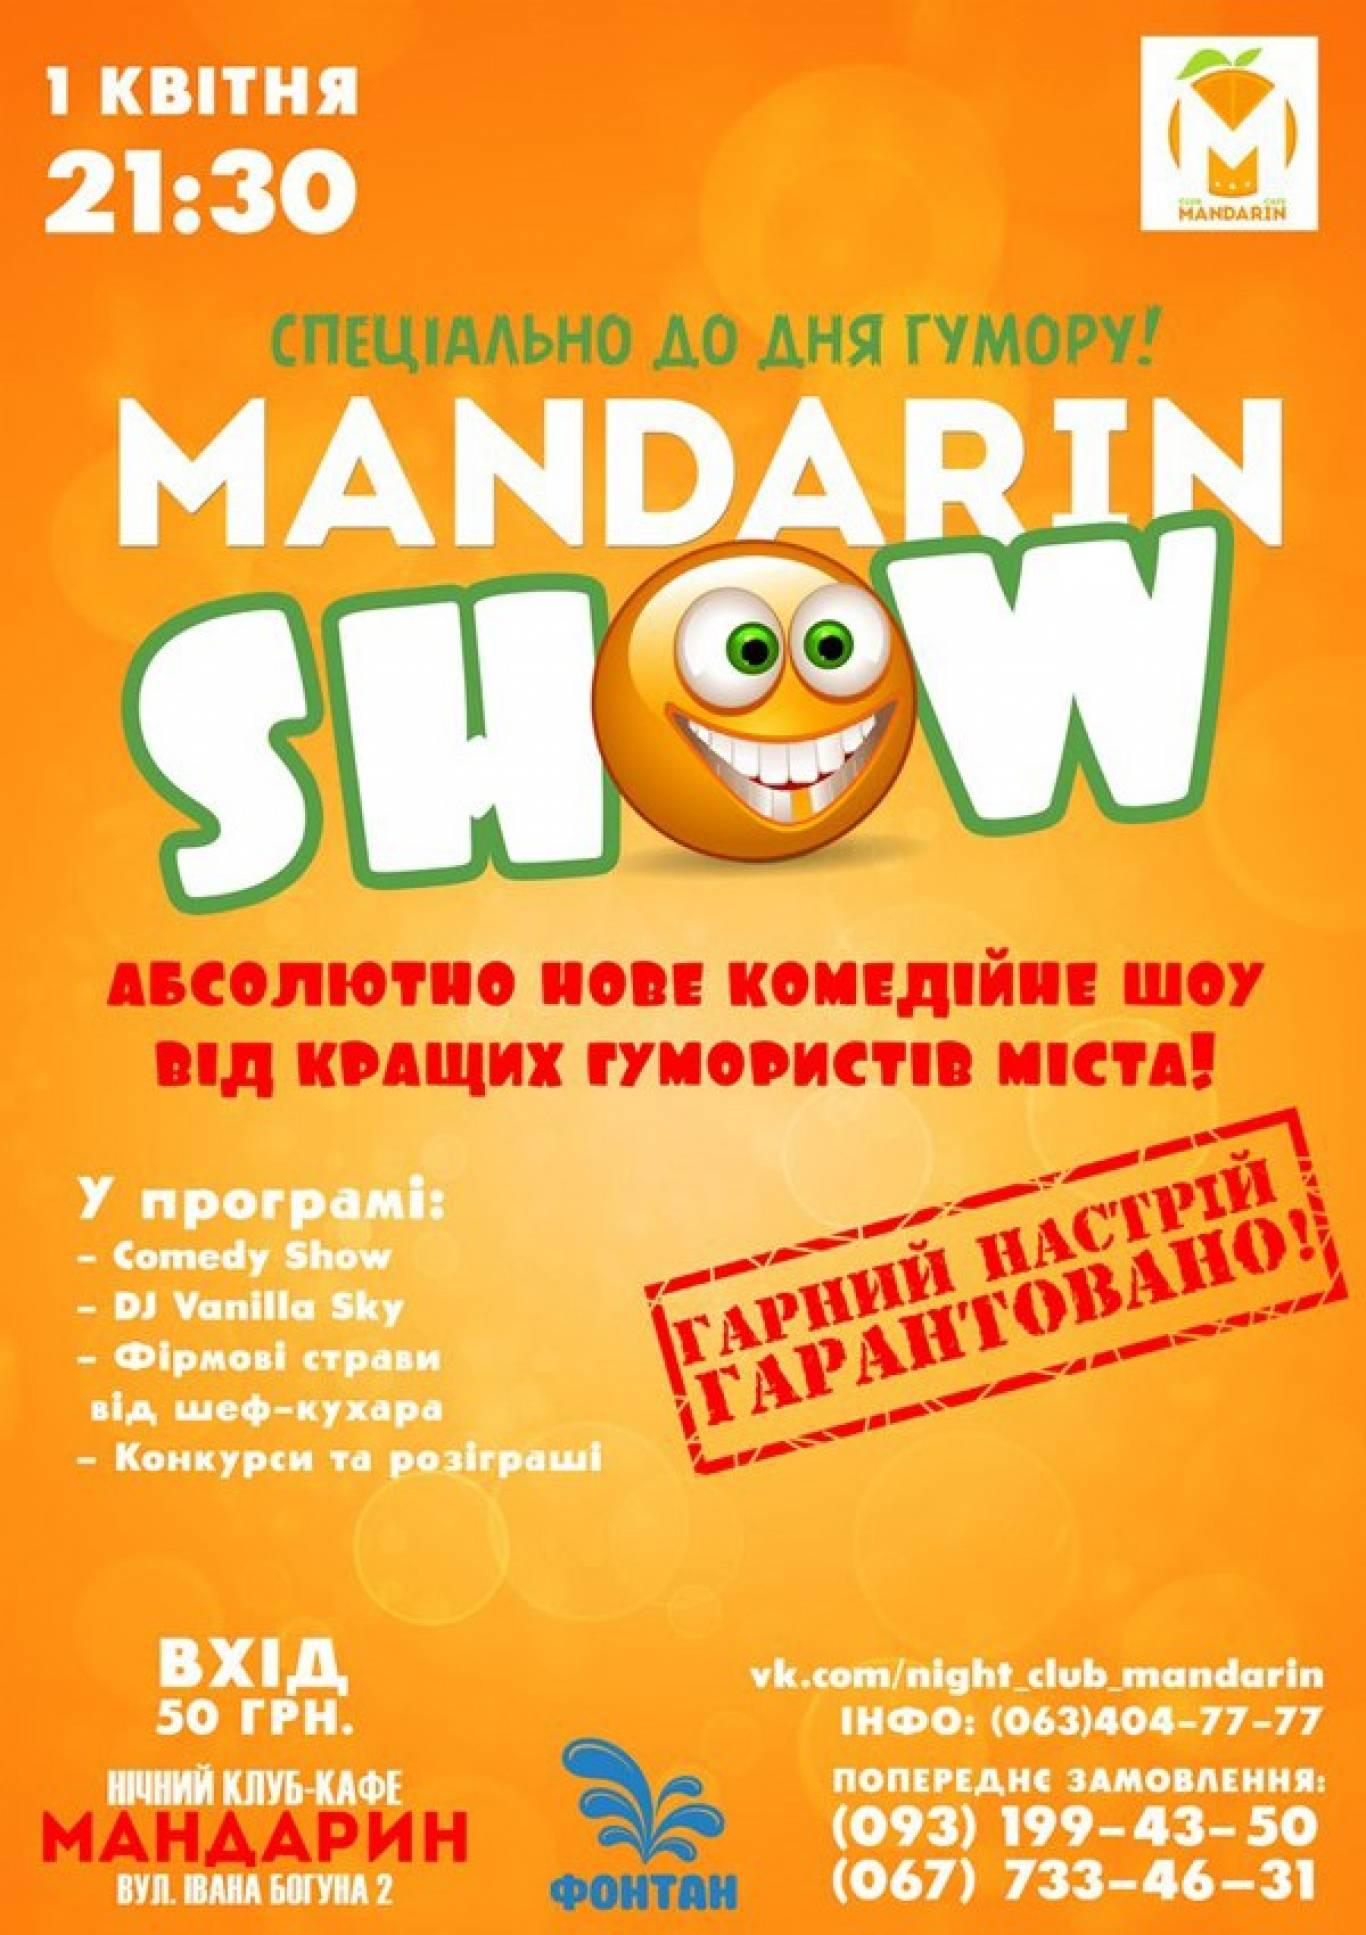 Вечірка до дня гумору - Mandarin Schow